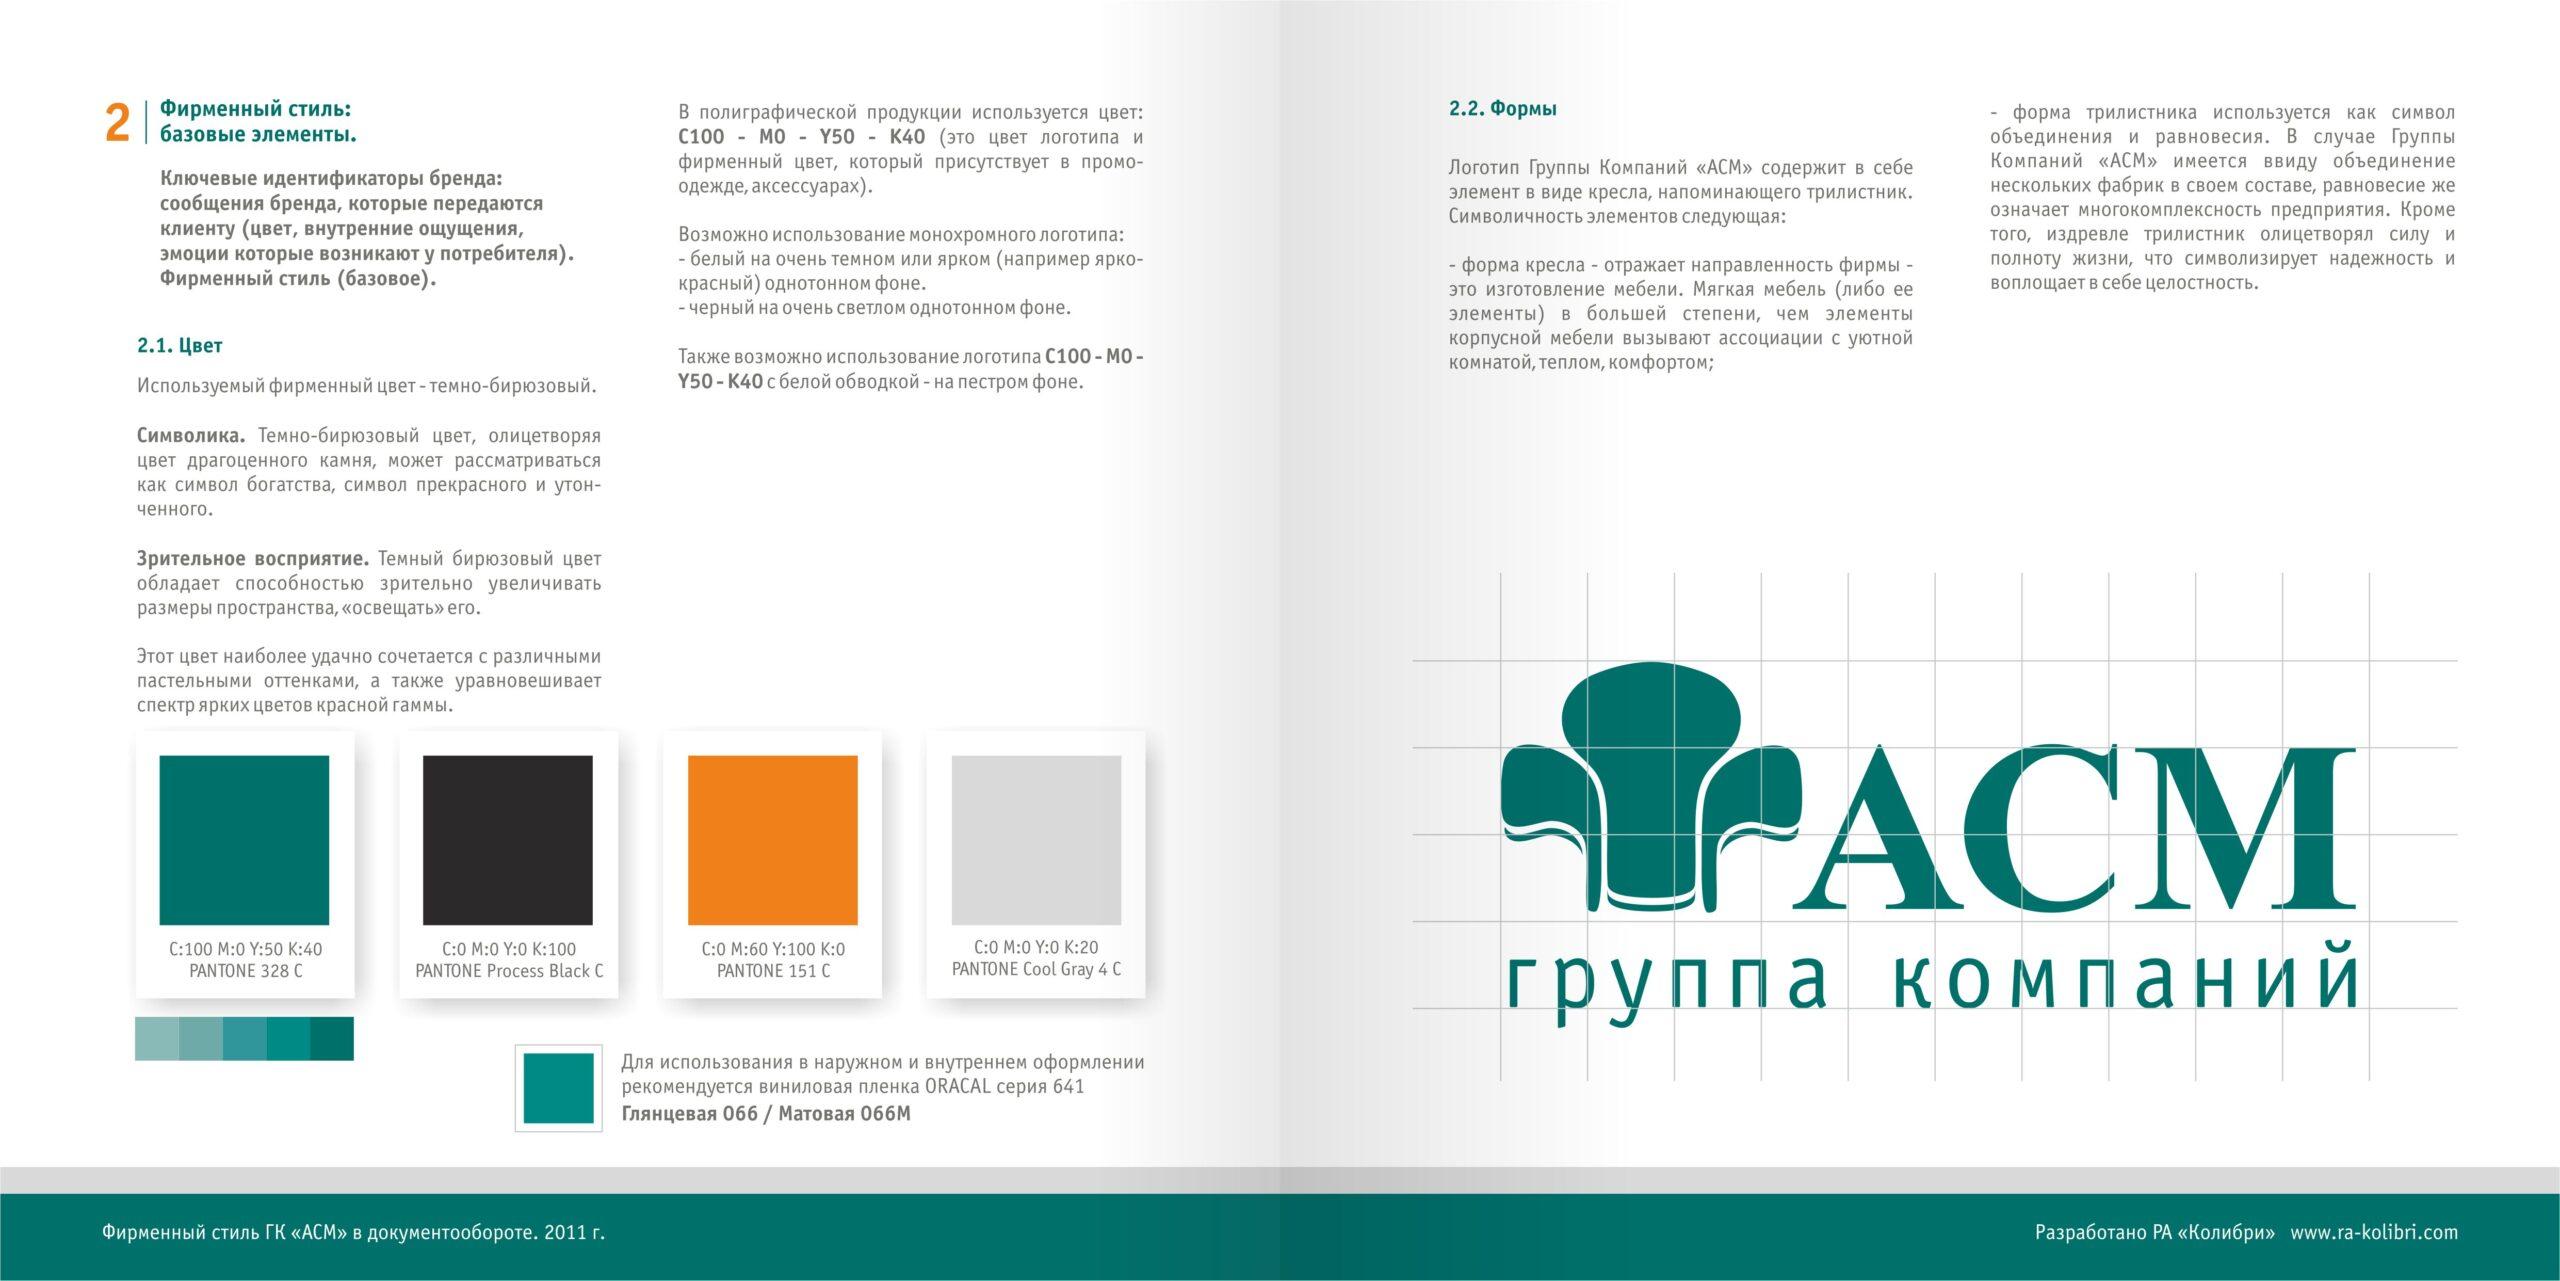 Гайдбук для группы компаний «АСМ»